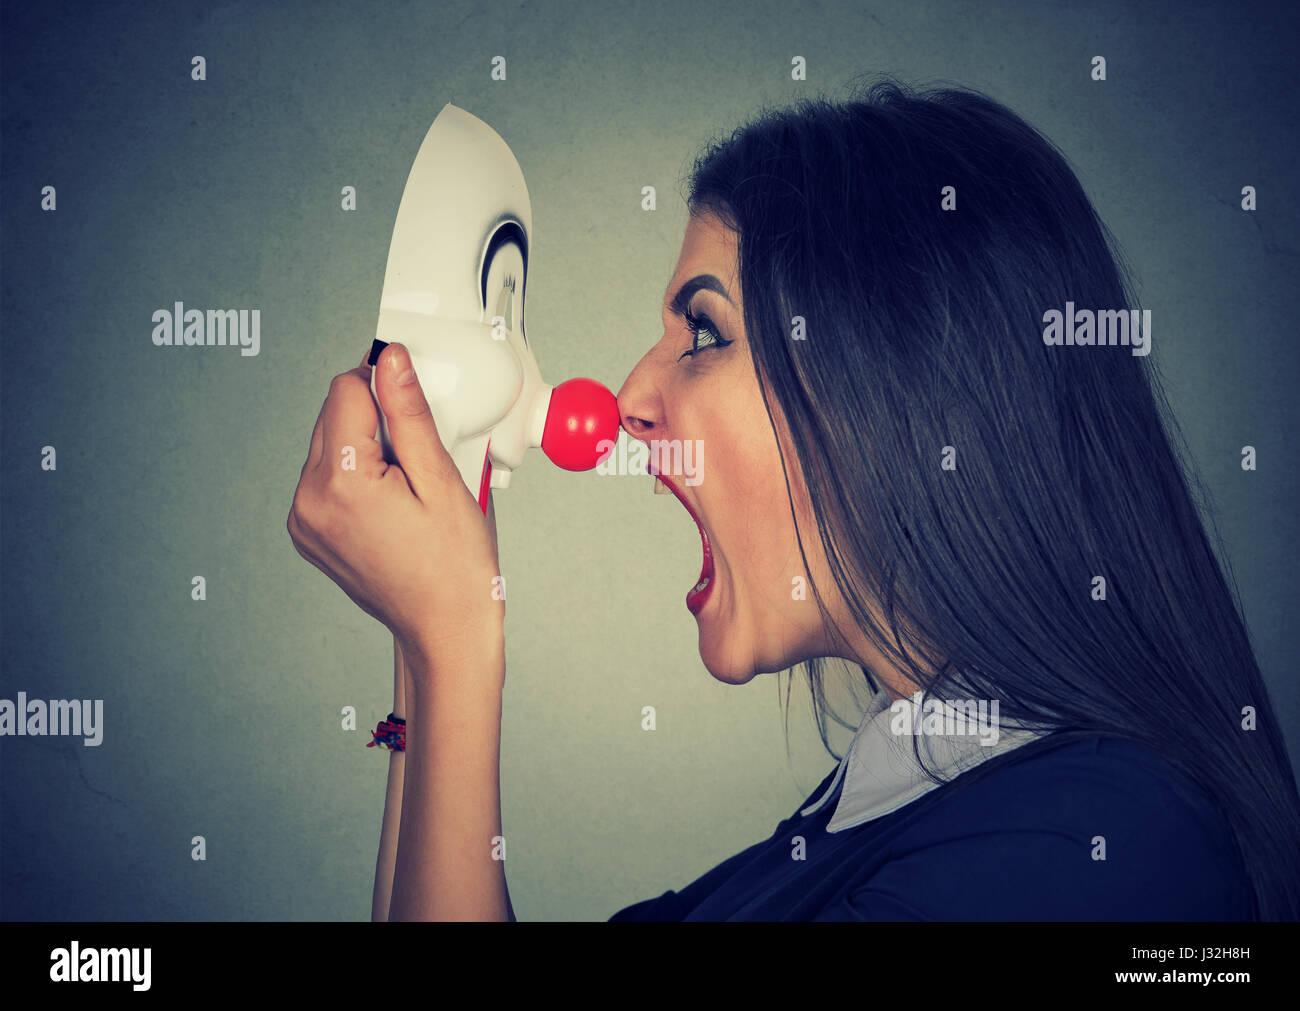 Böse Frau schreiend auf happy Clownsmaske Stockfoto